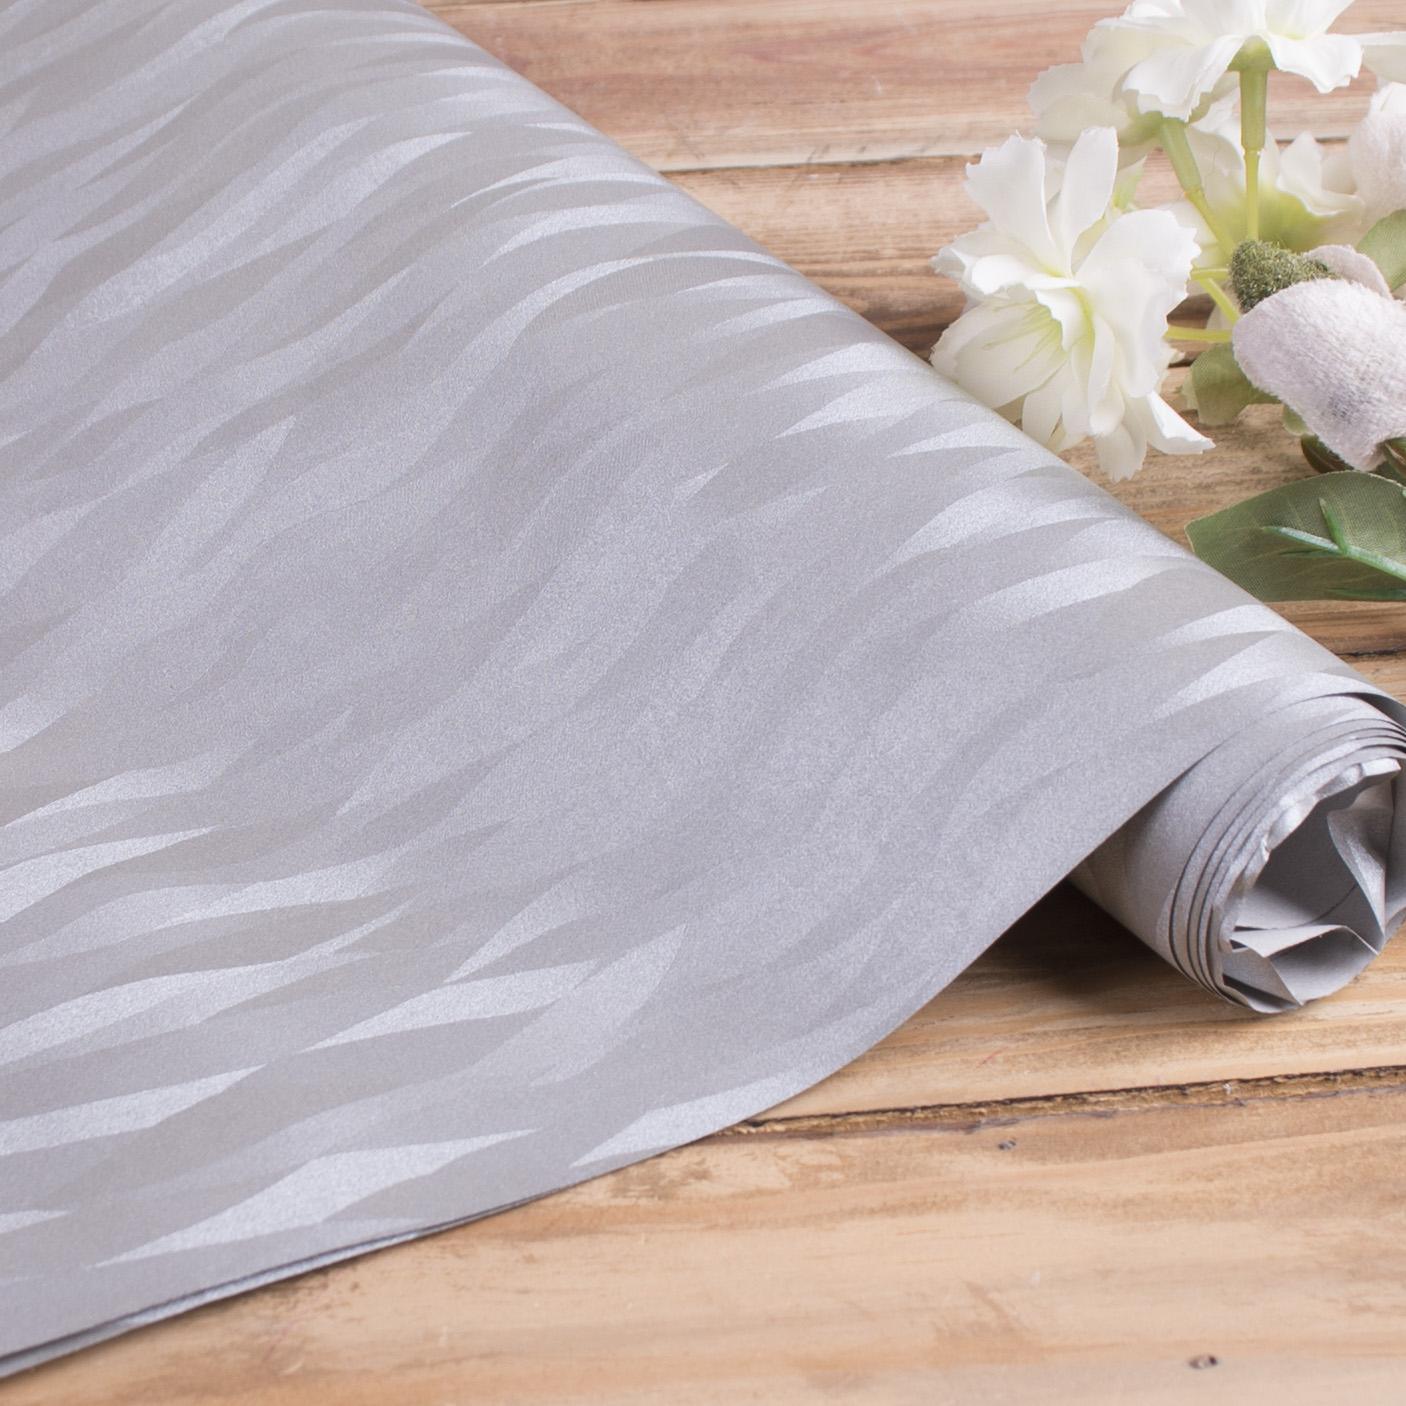 бумага фактурная с тиснением (серебро в волну)